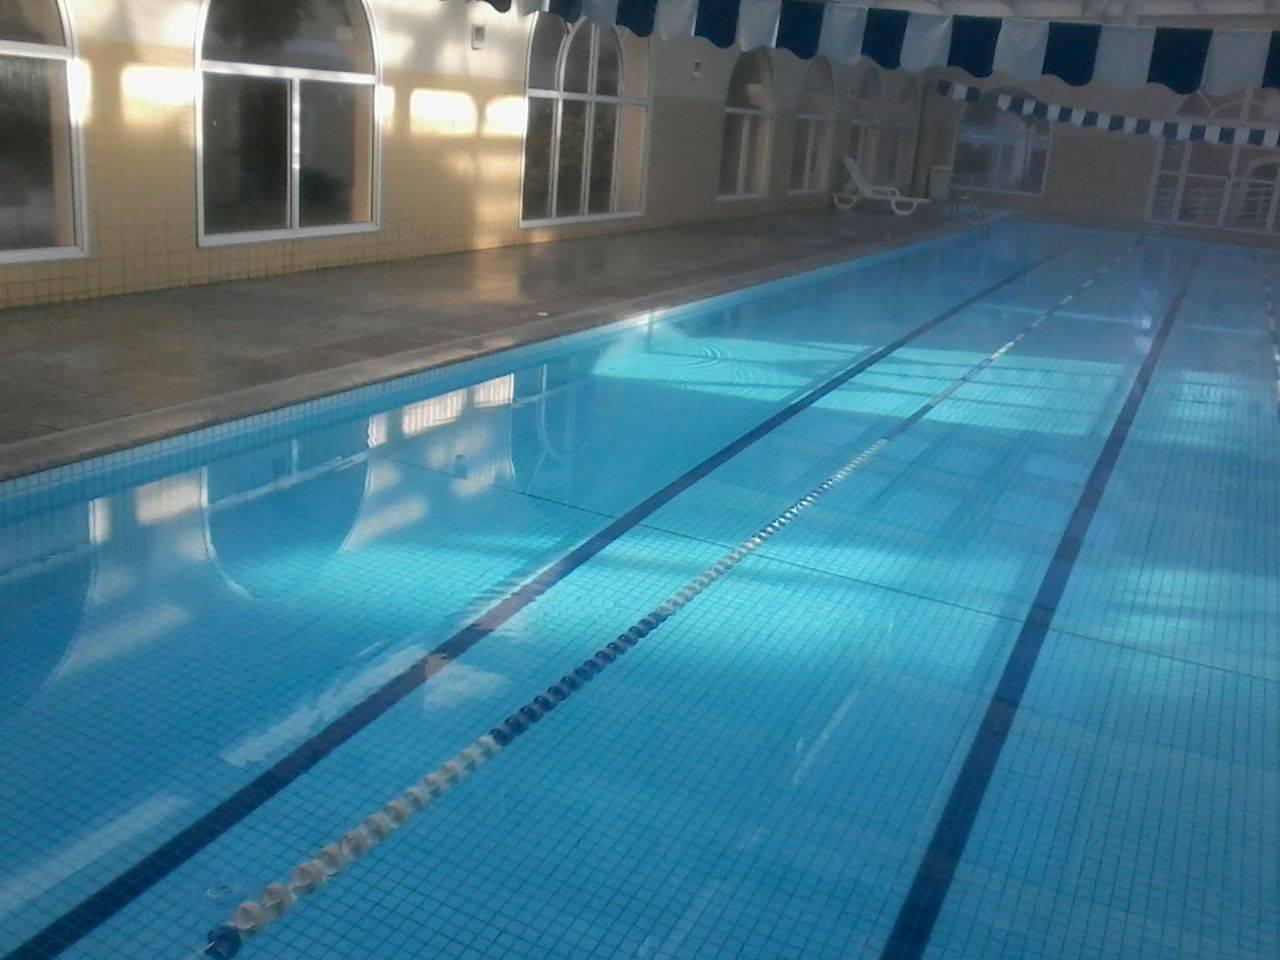 Cursos para piscineiros qualy tratus piscinas for Curso piscinas